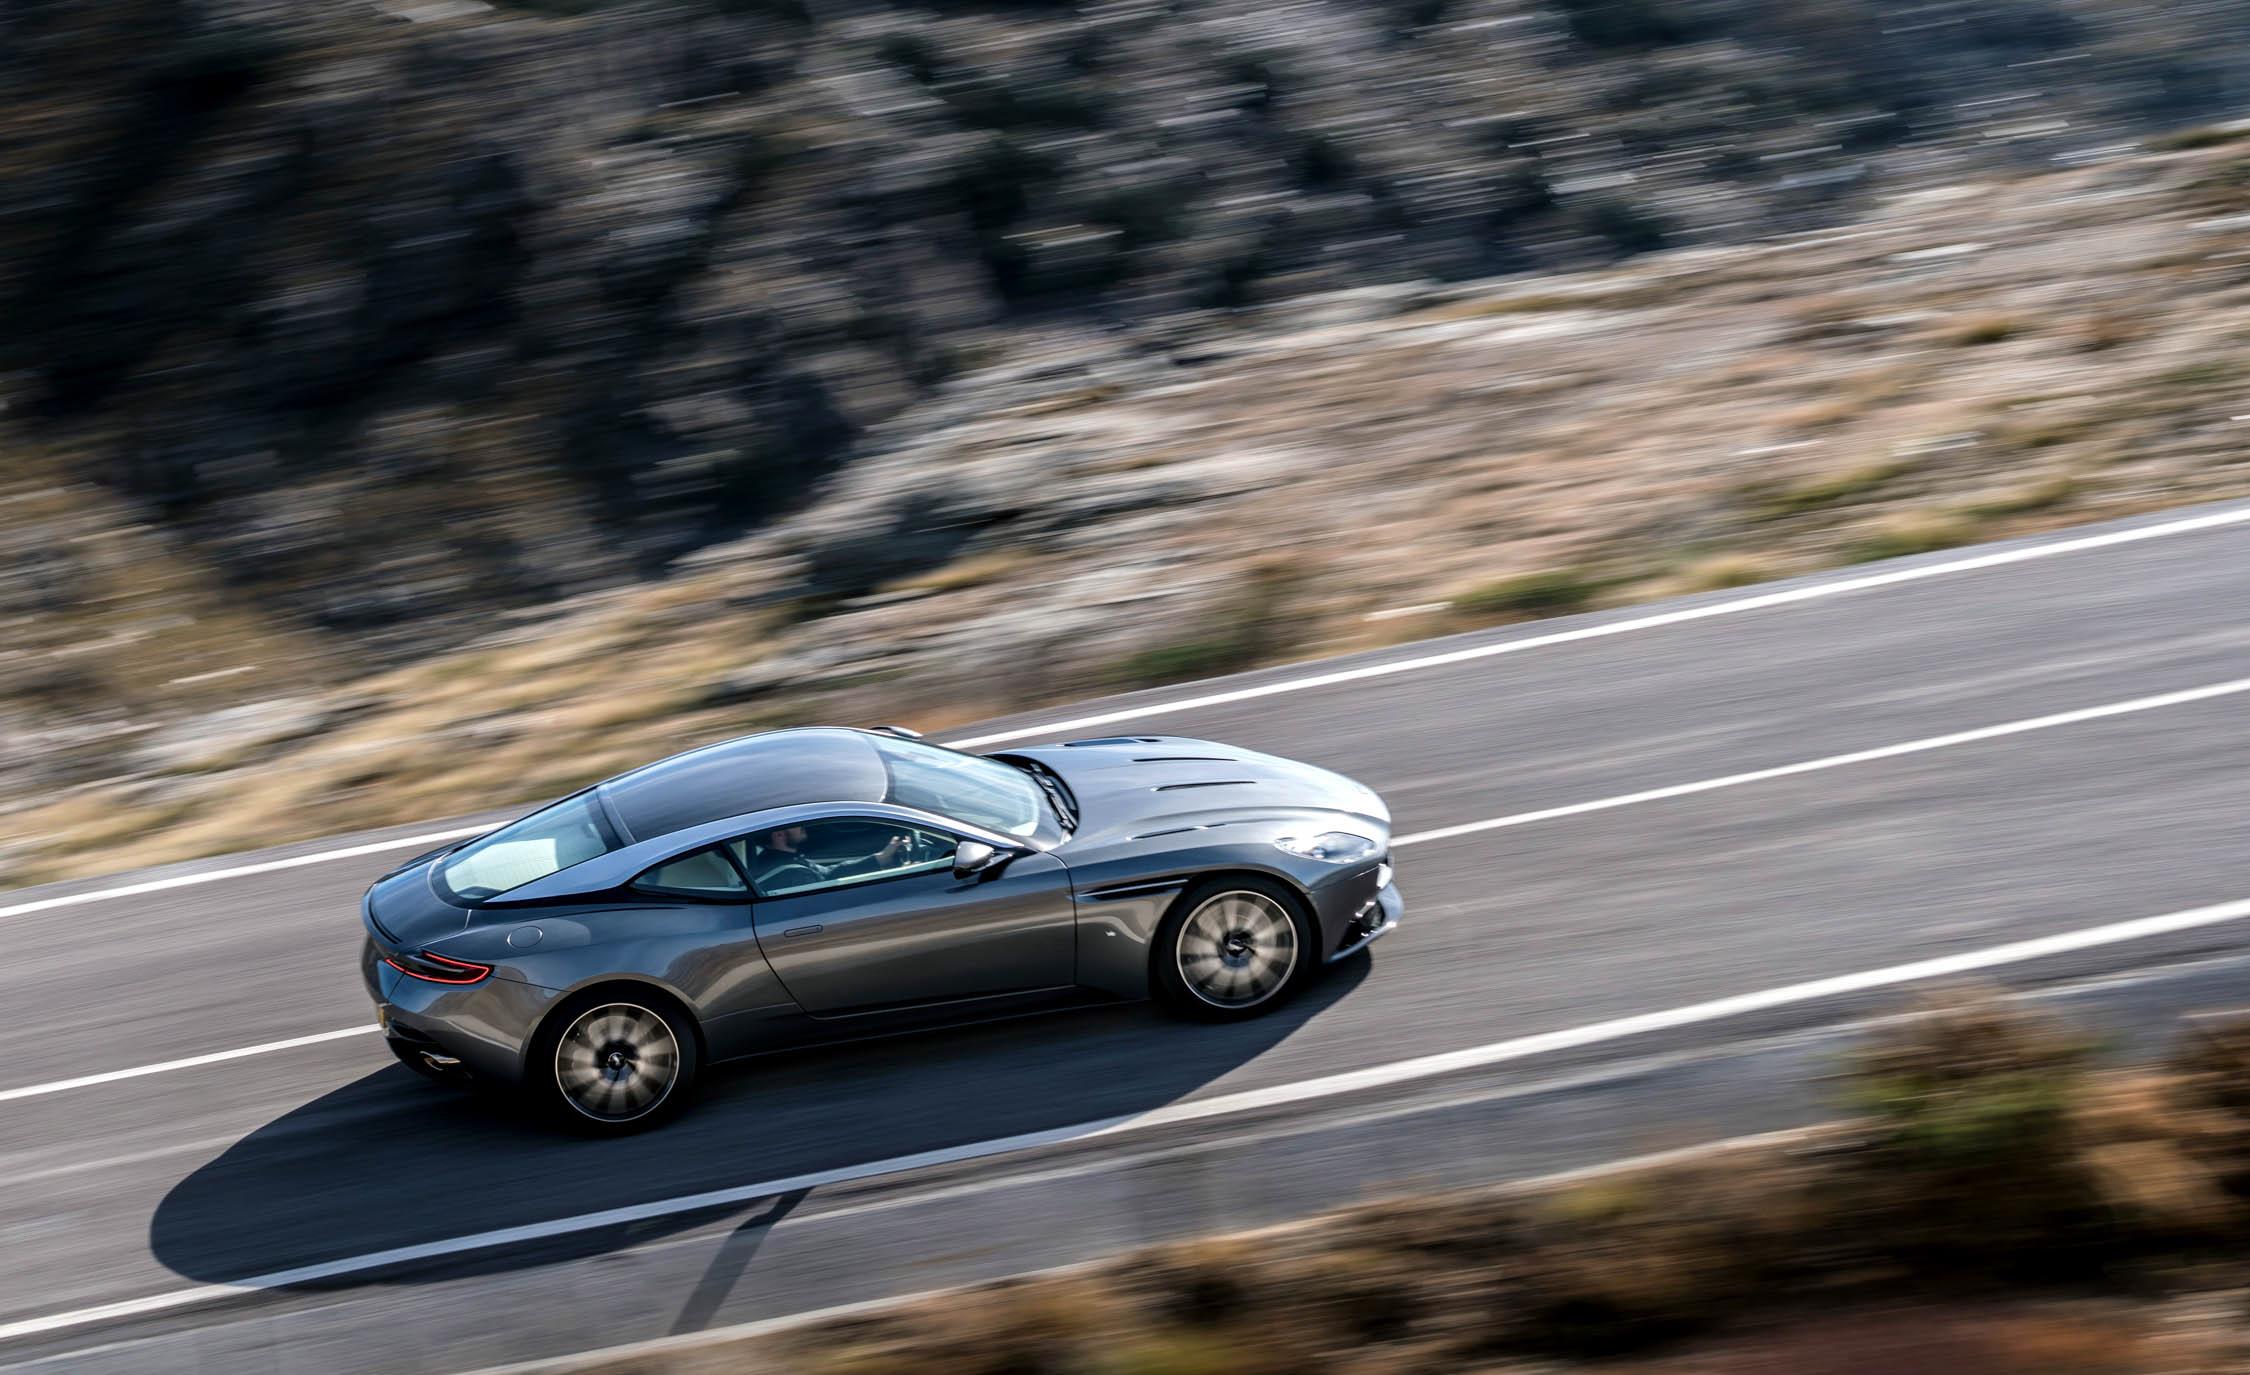 2017 Aston Martin Db11 Test Drive Wallpaper Hd (View 4 of 22)